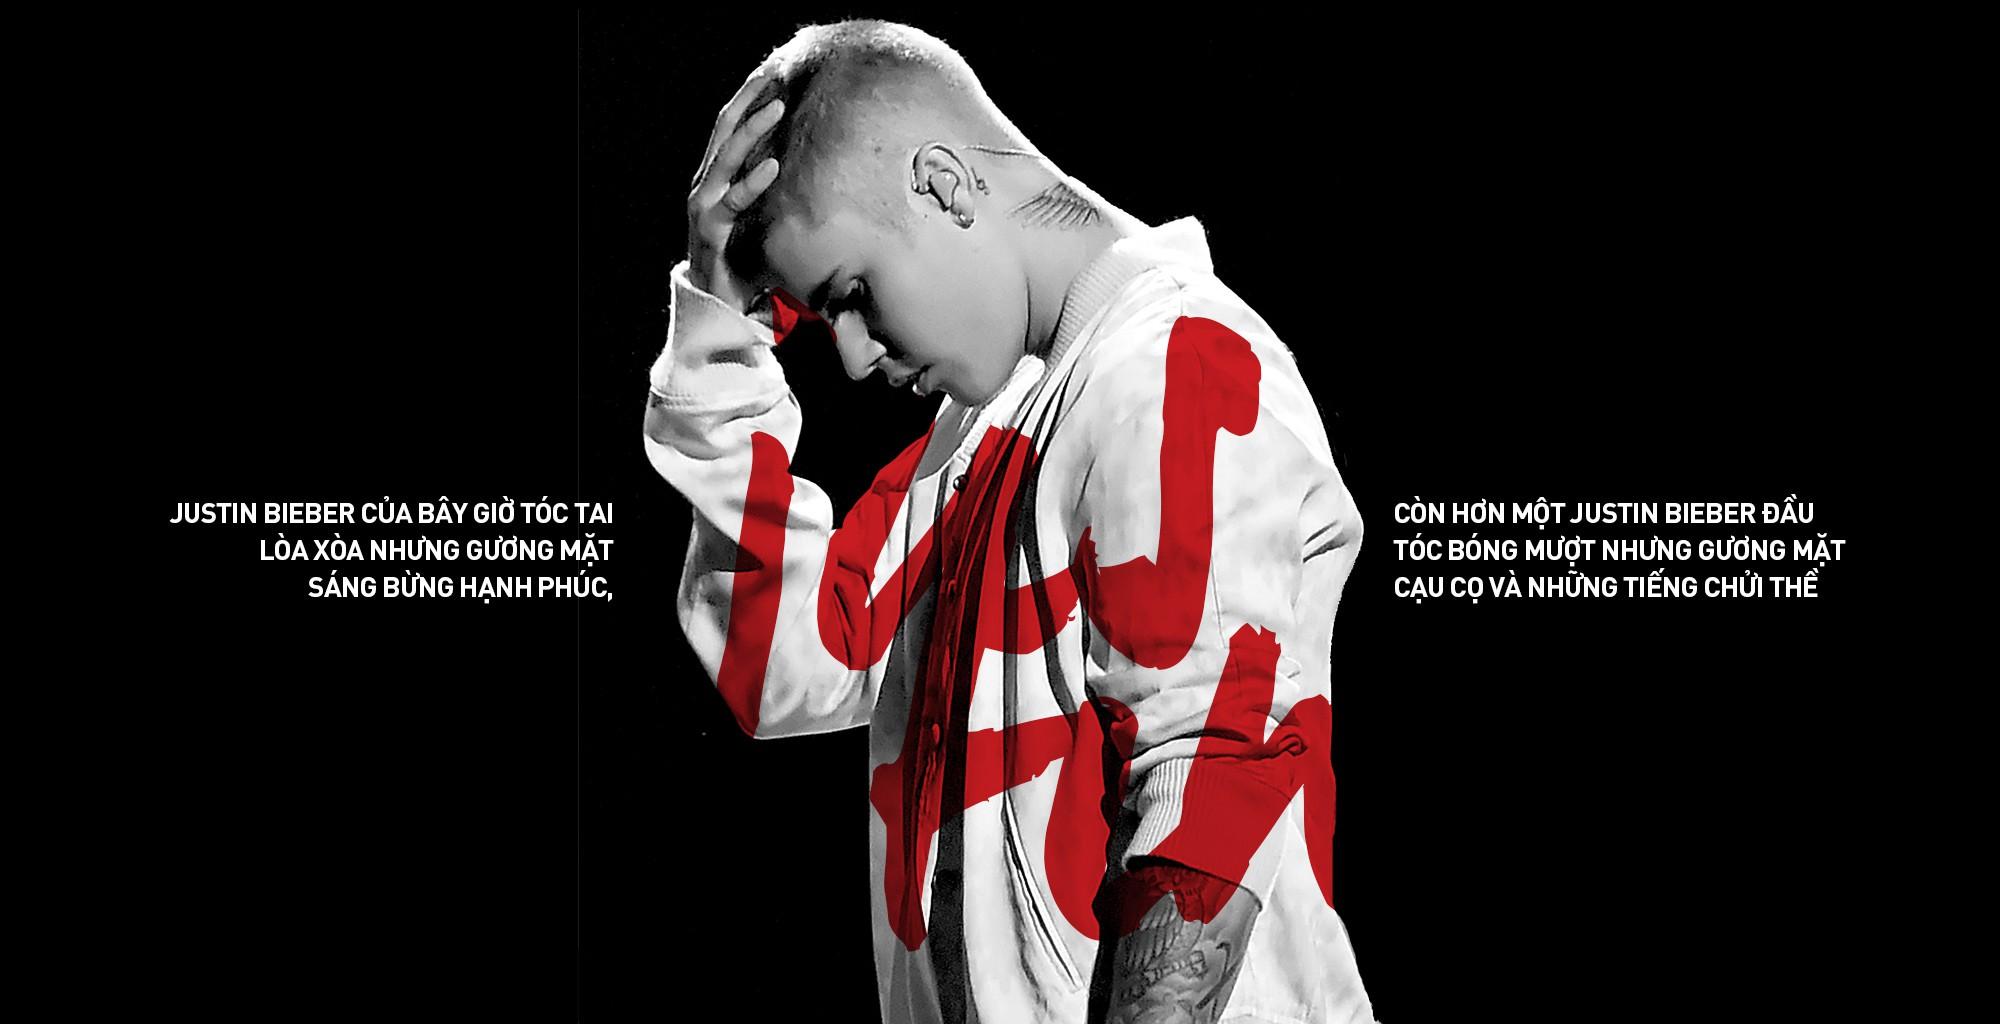 Justin Bieber: Khi bad boy nhất nhì Hollywood chẳng ai thương cảm, chịu từ bỏ lối sống buông thả để học cách yêu - Ảnh 5.